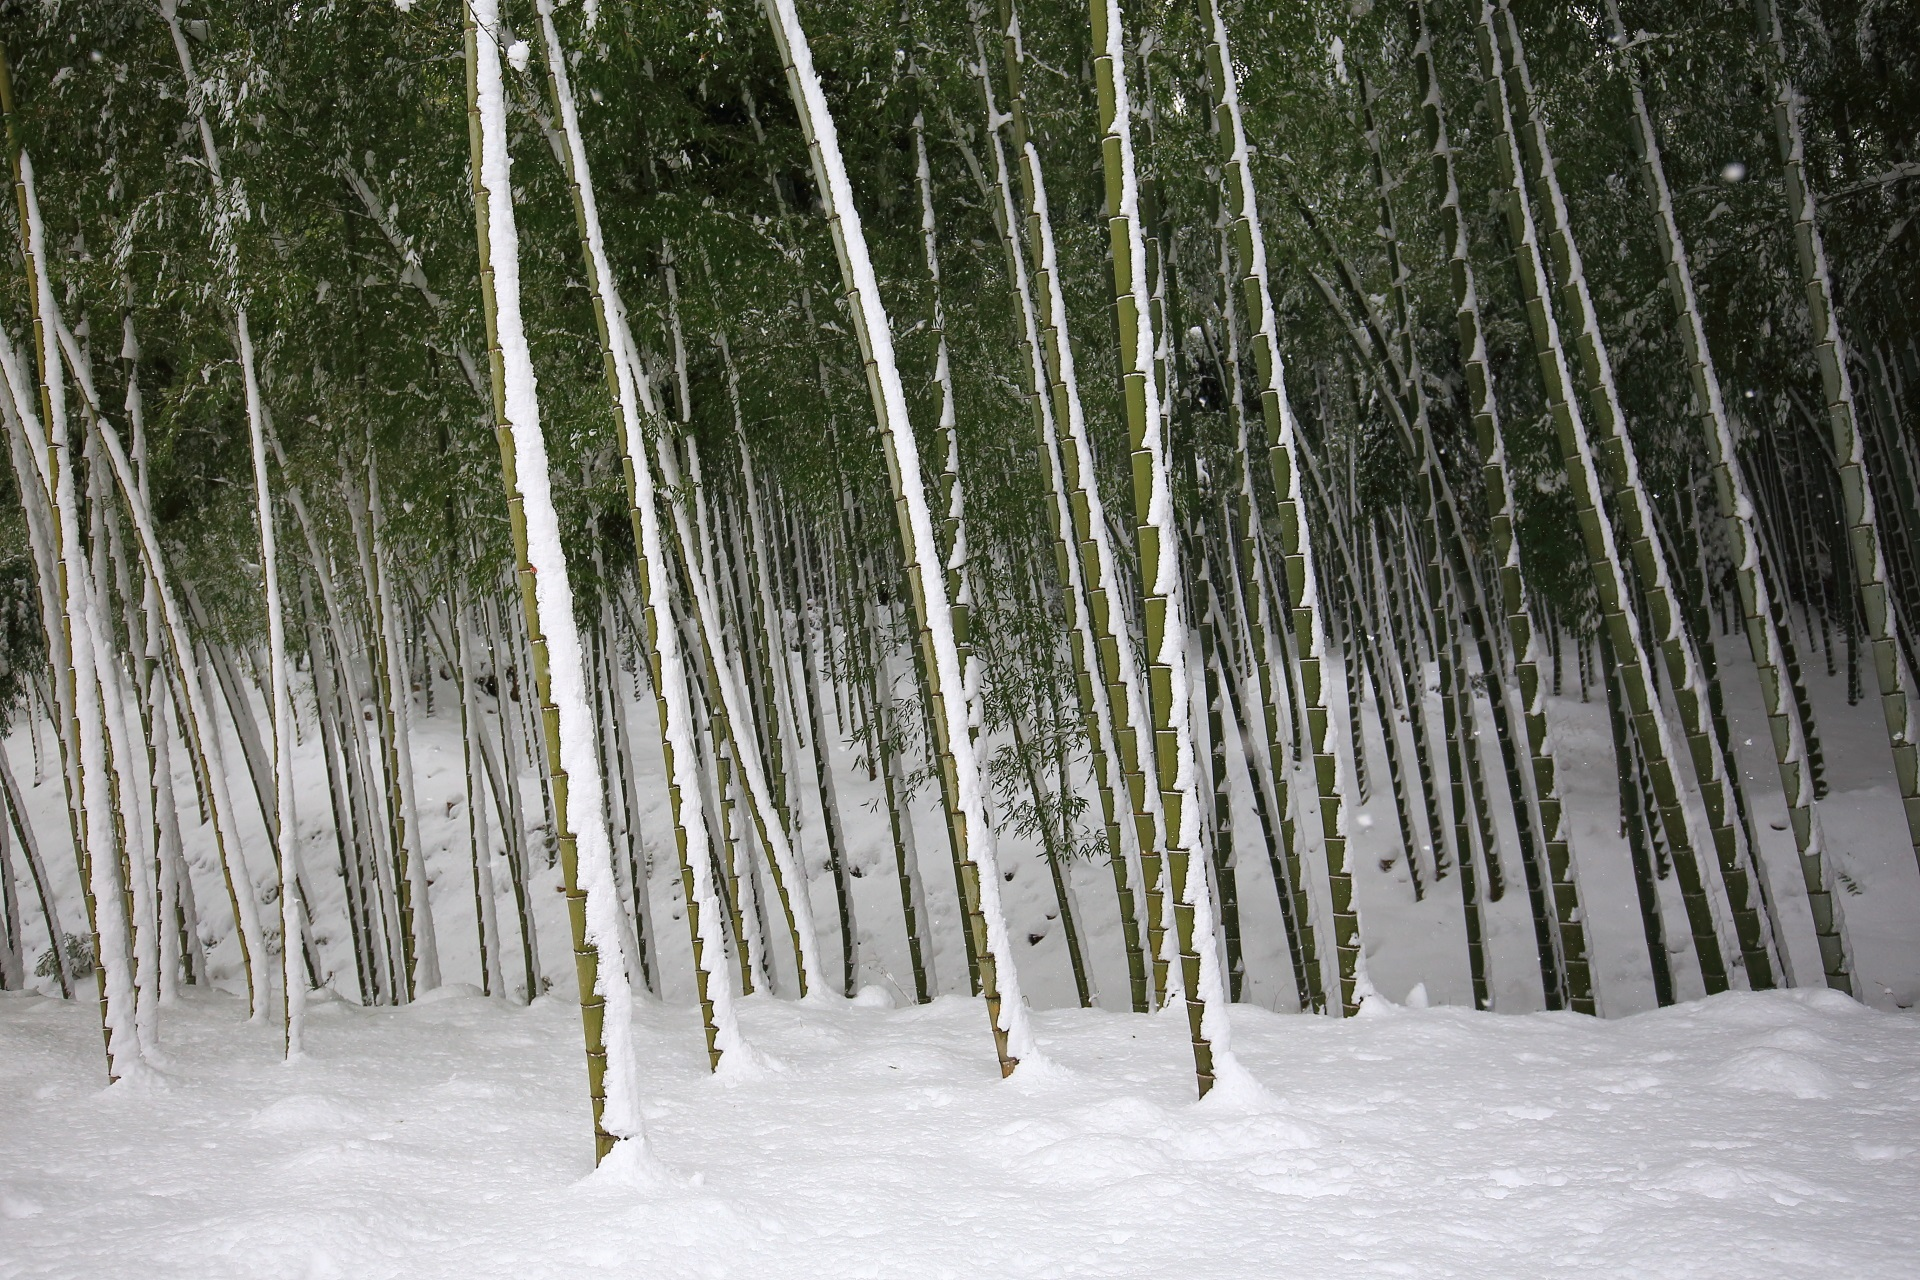 天龍寺の竹林の雪景色